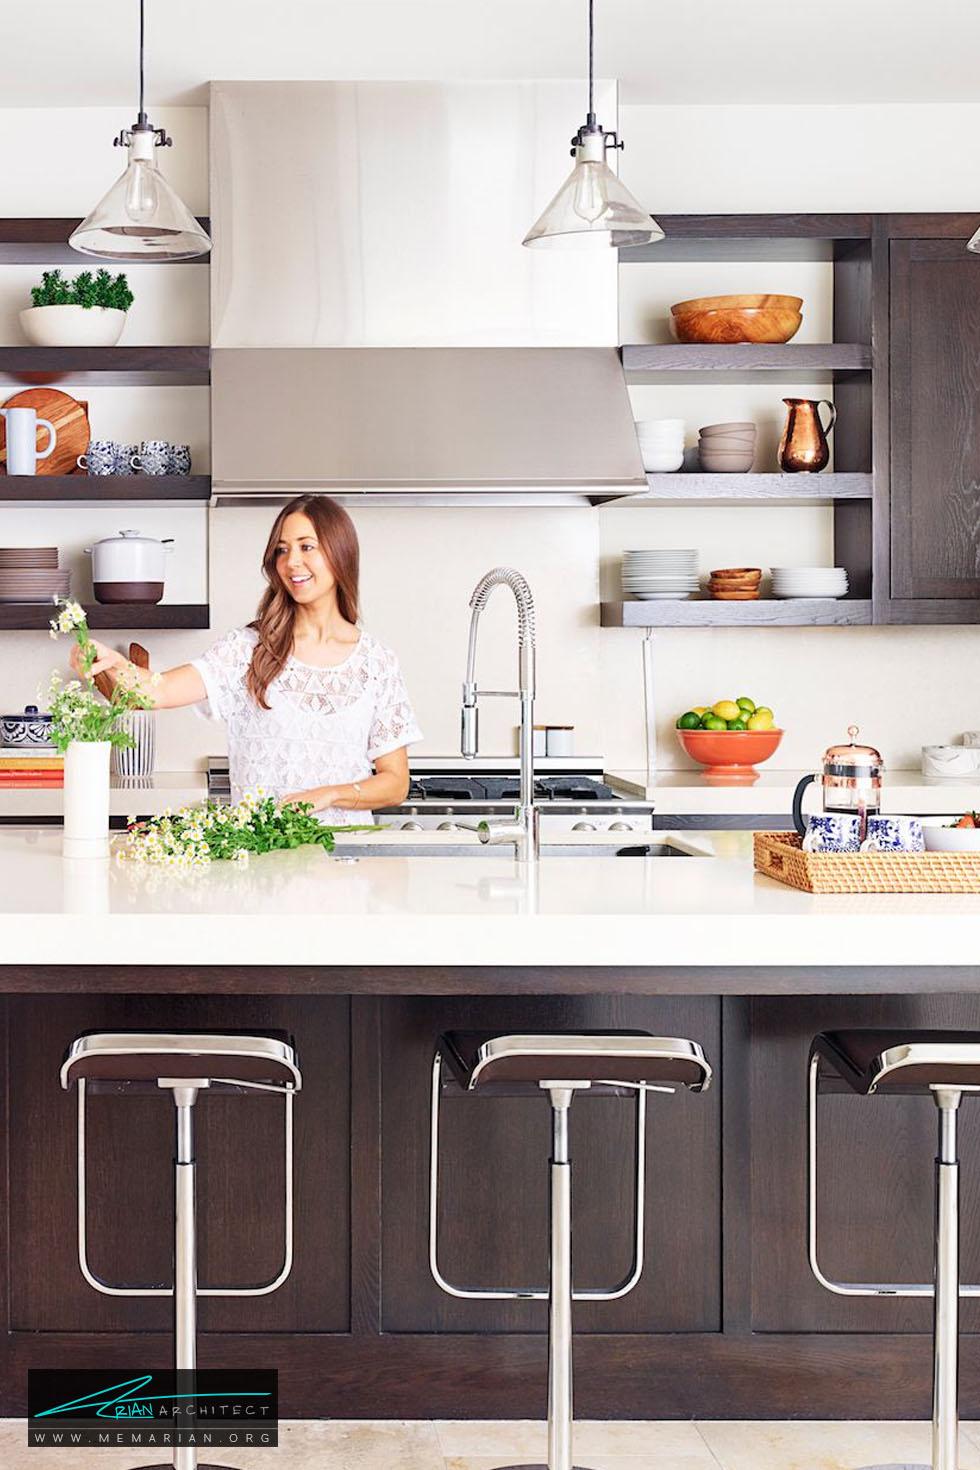 نورپردازی روشن - 20 ایده جذاب برای دکوراسیون آشپزخانه